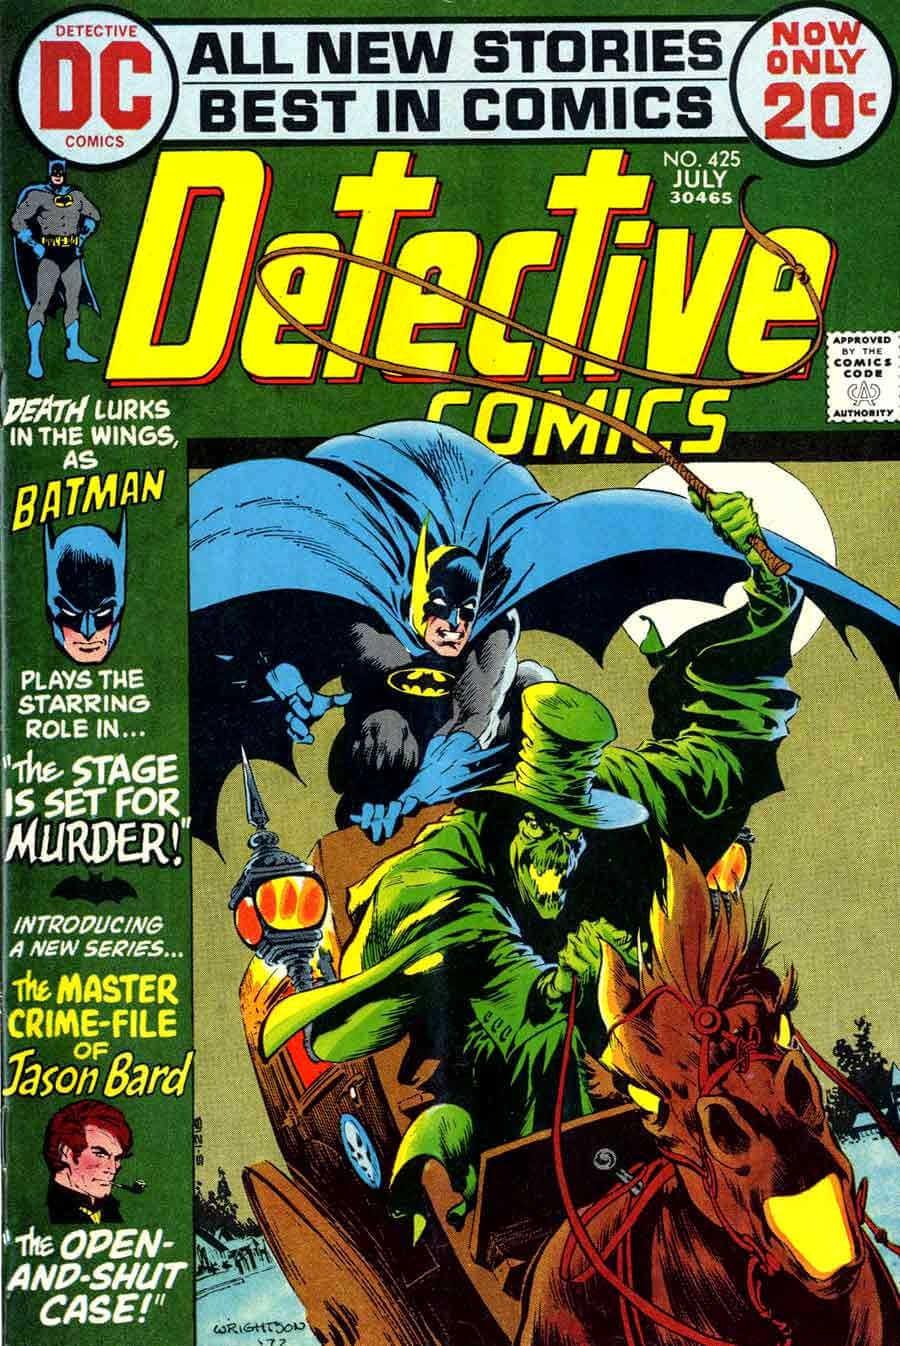 Portada de detective comics 425 por bernie wrightson